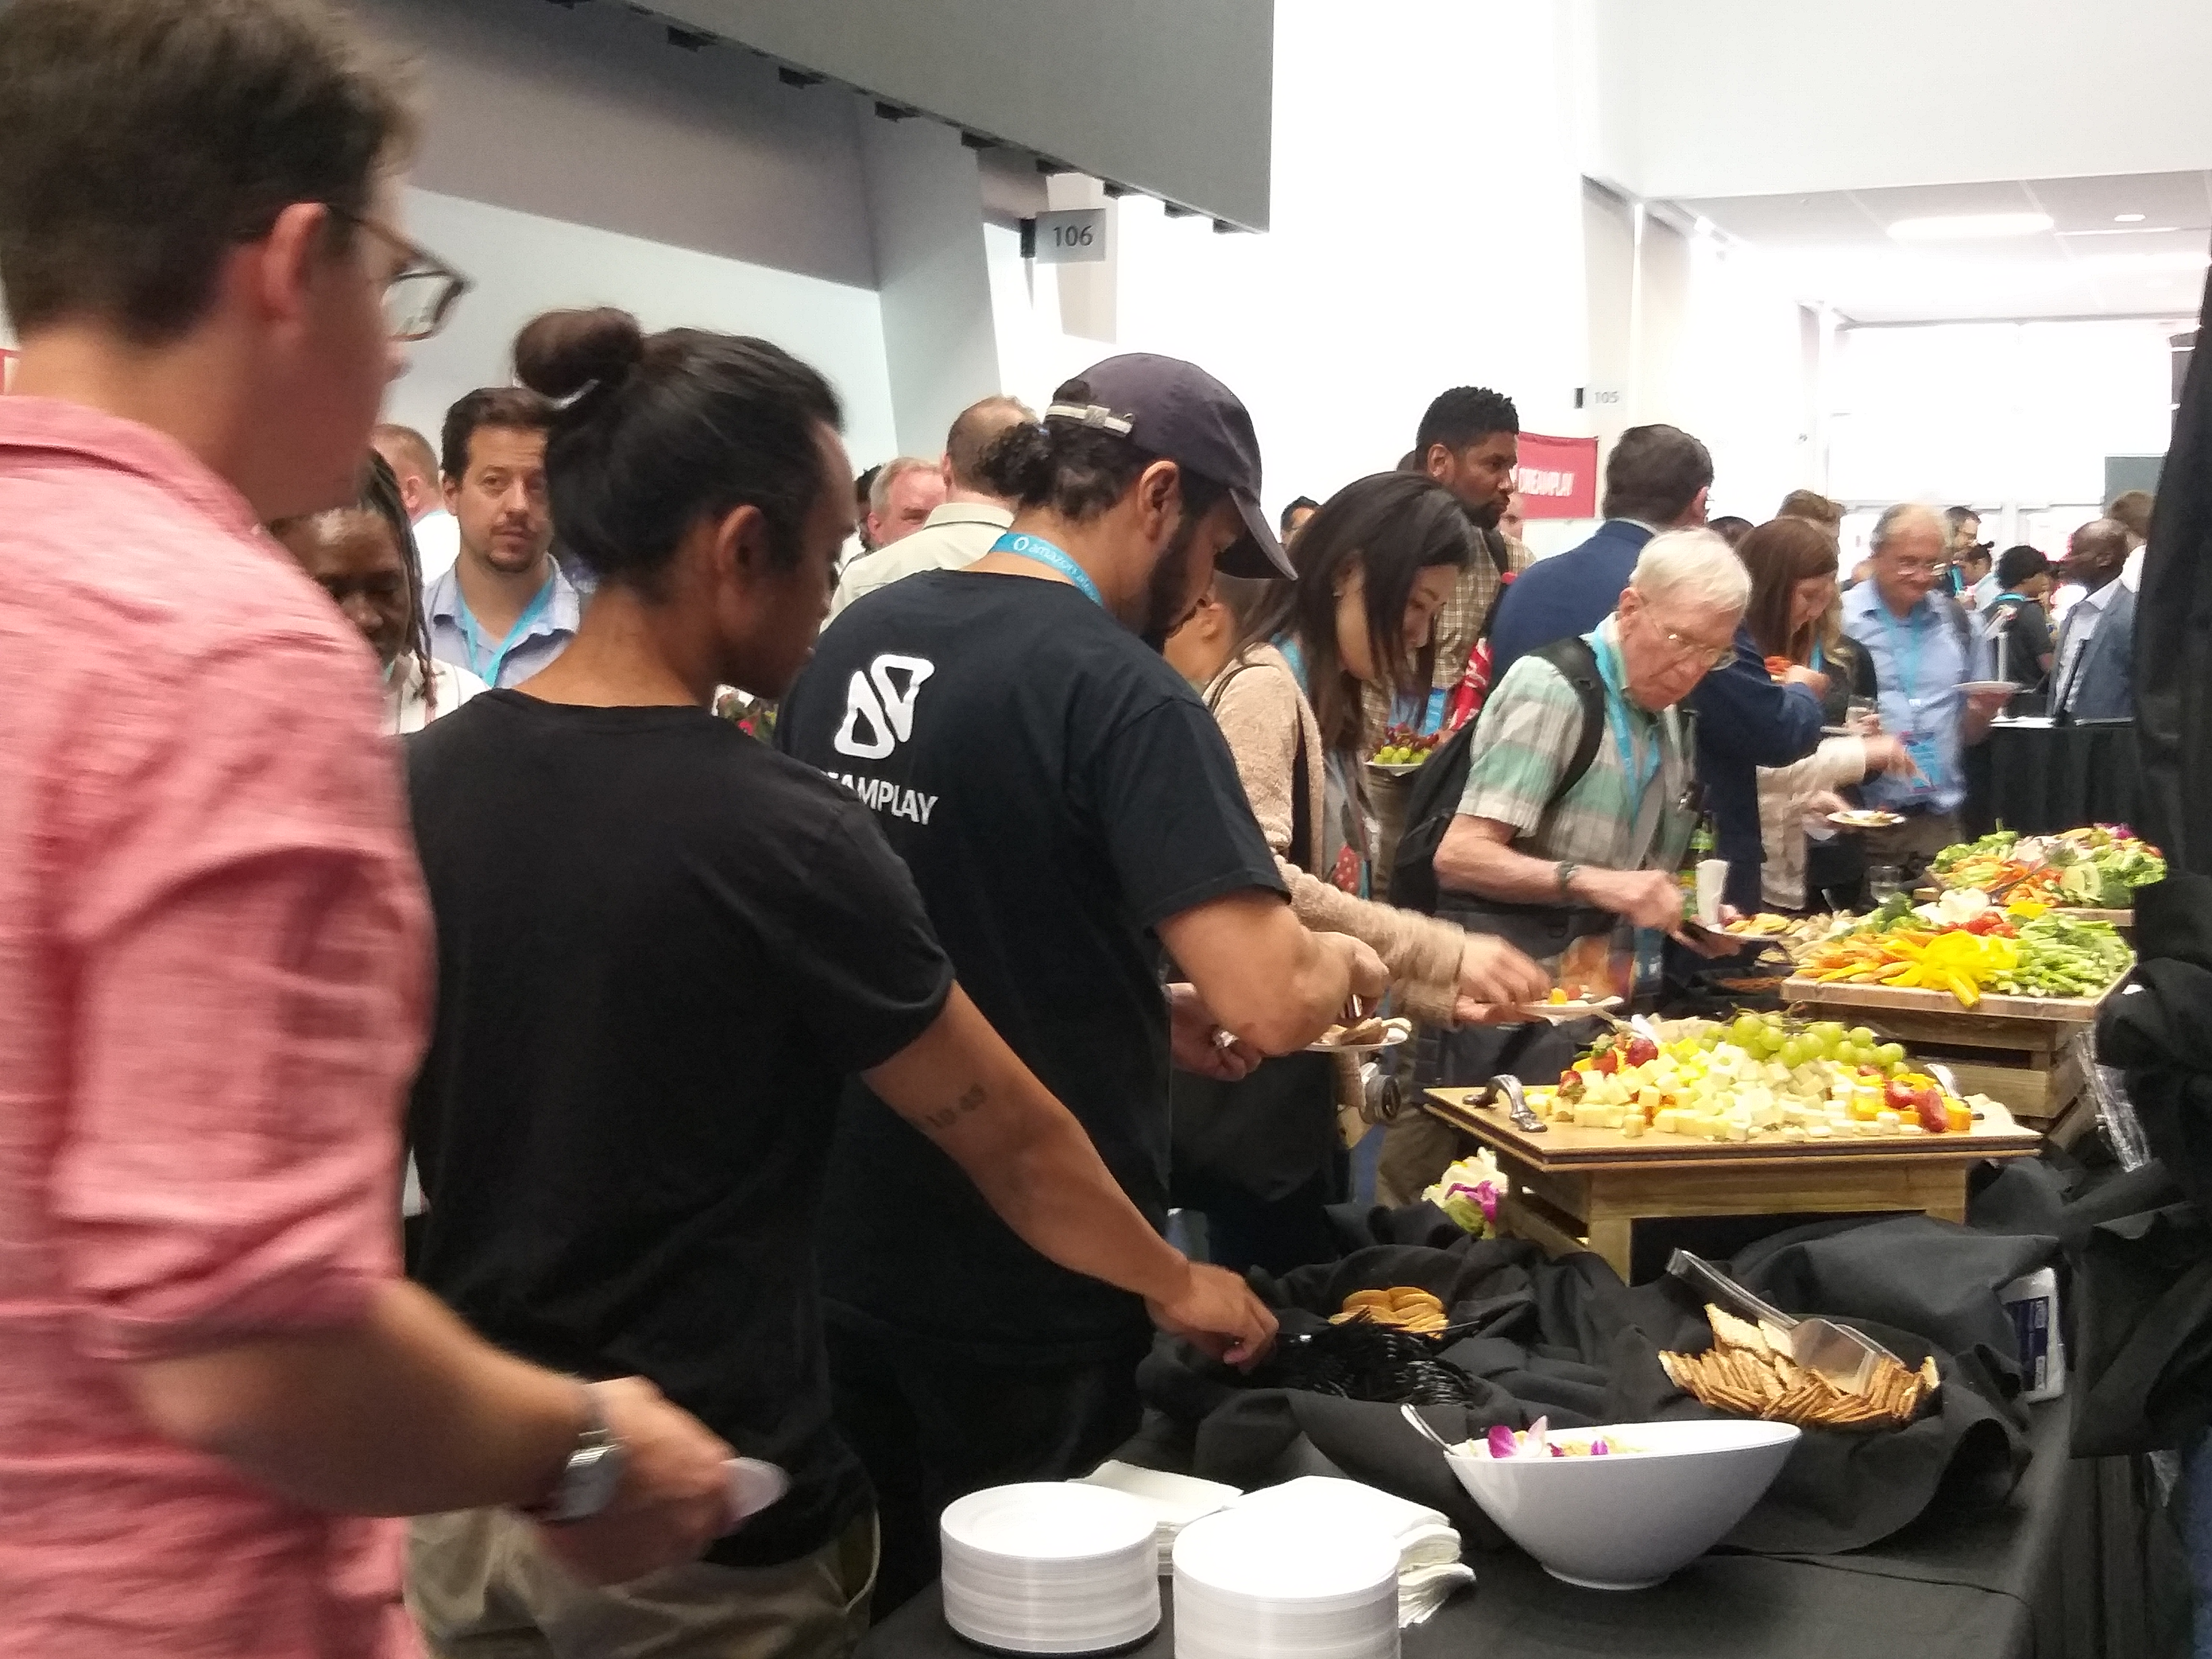 Expo buffet